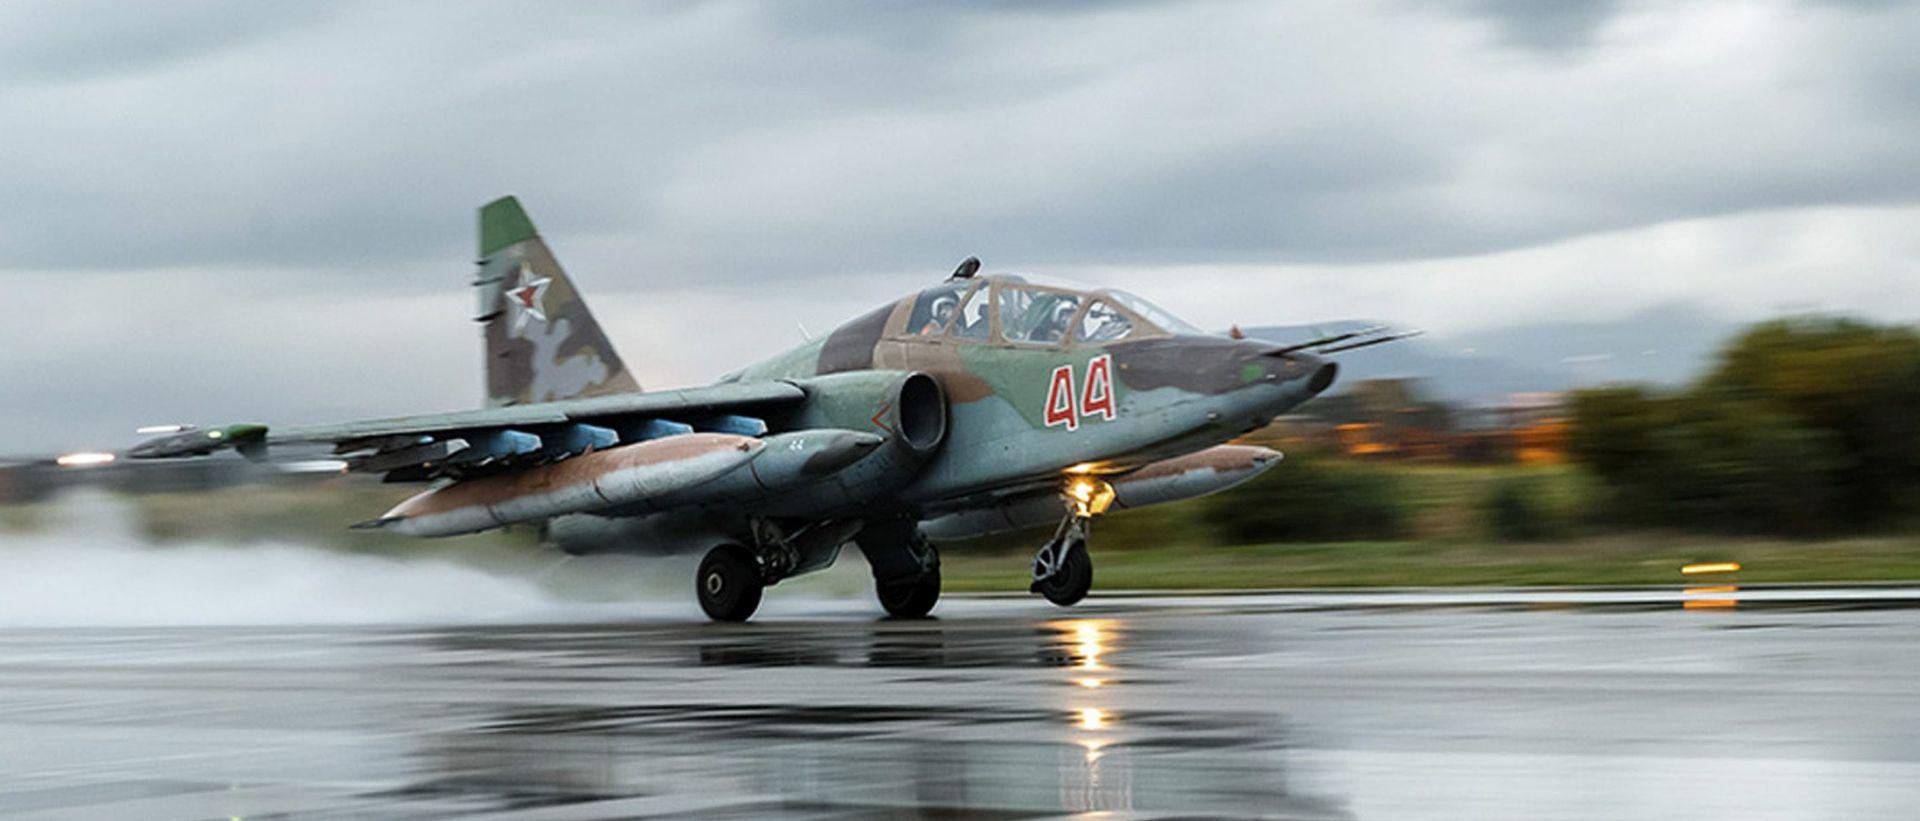 Rusija će nastaviti zračne udare u Siriji unatoč teškom humanitarnom stanju